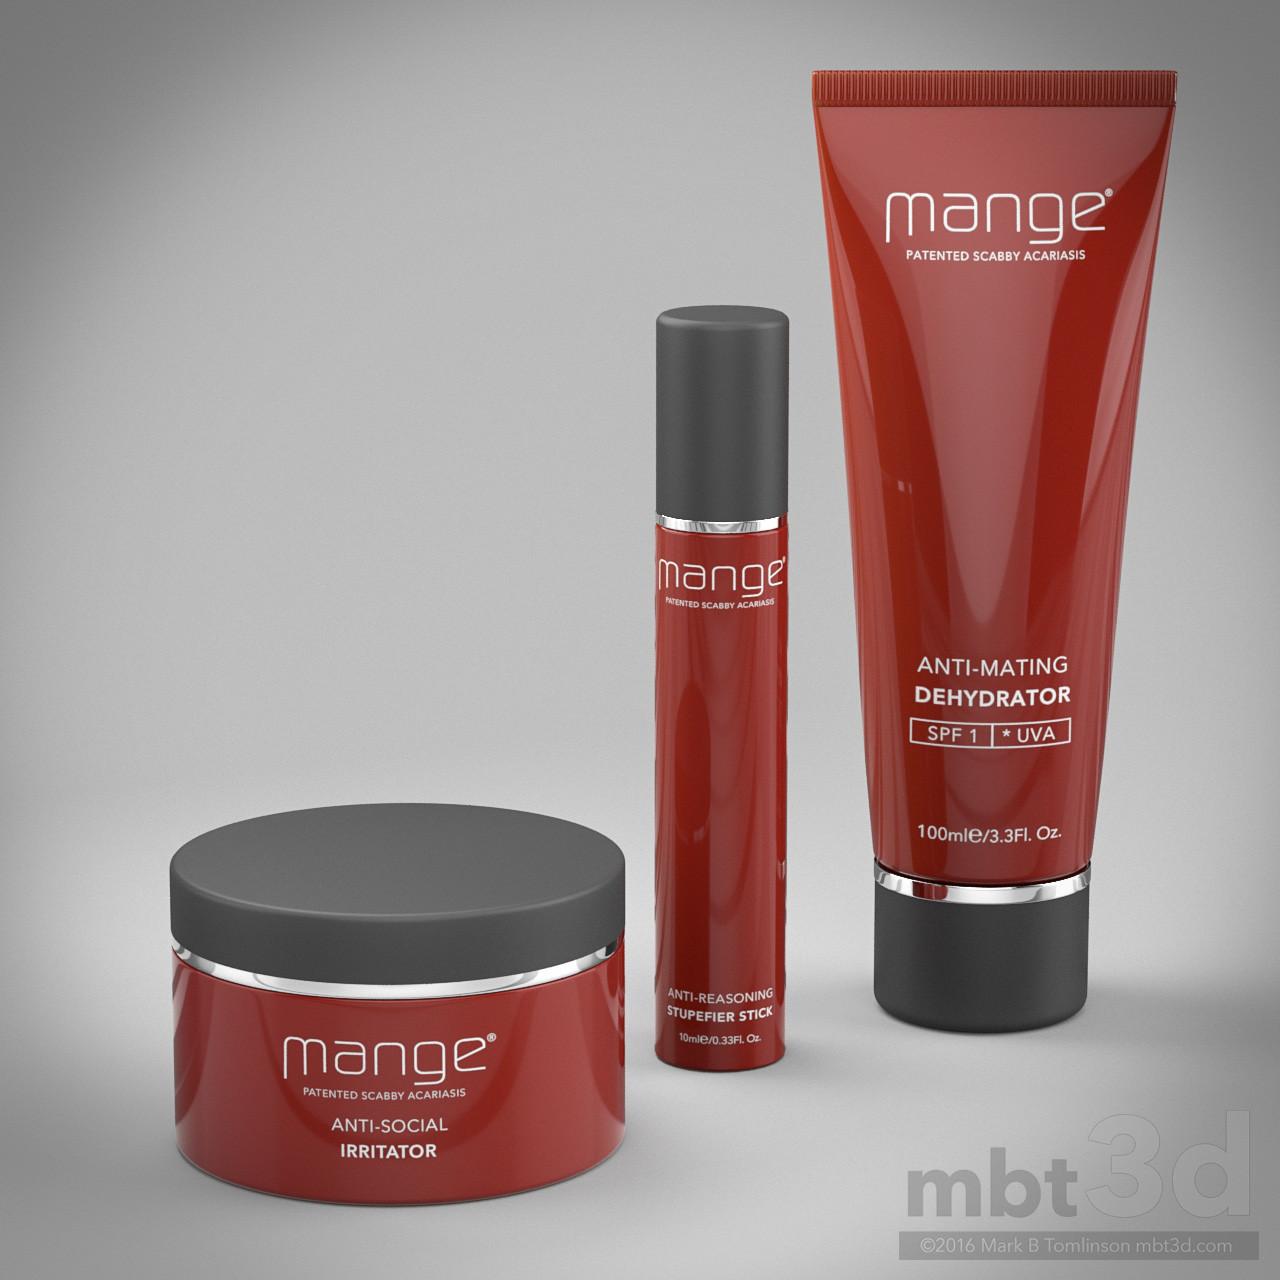 Mange Range Cosmetic